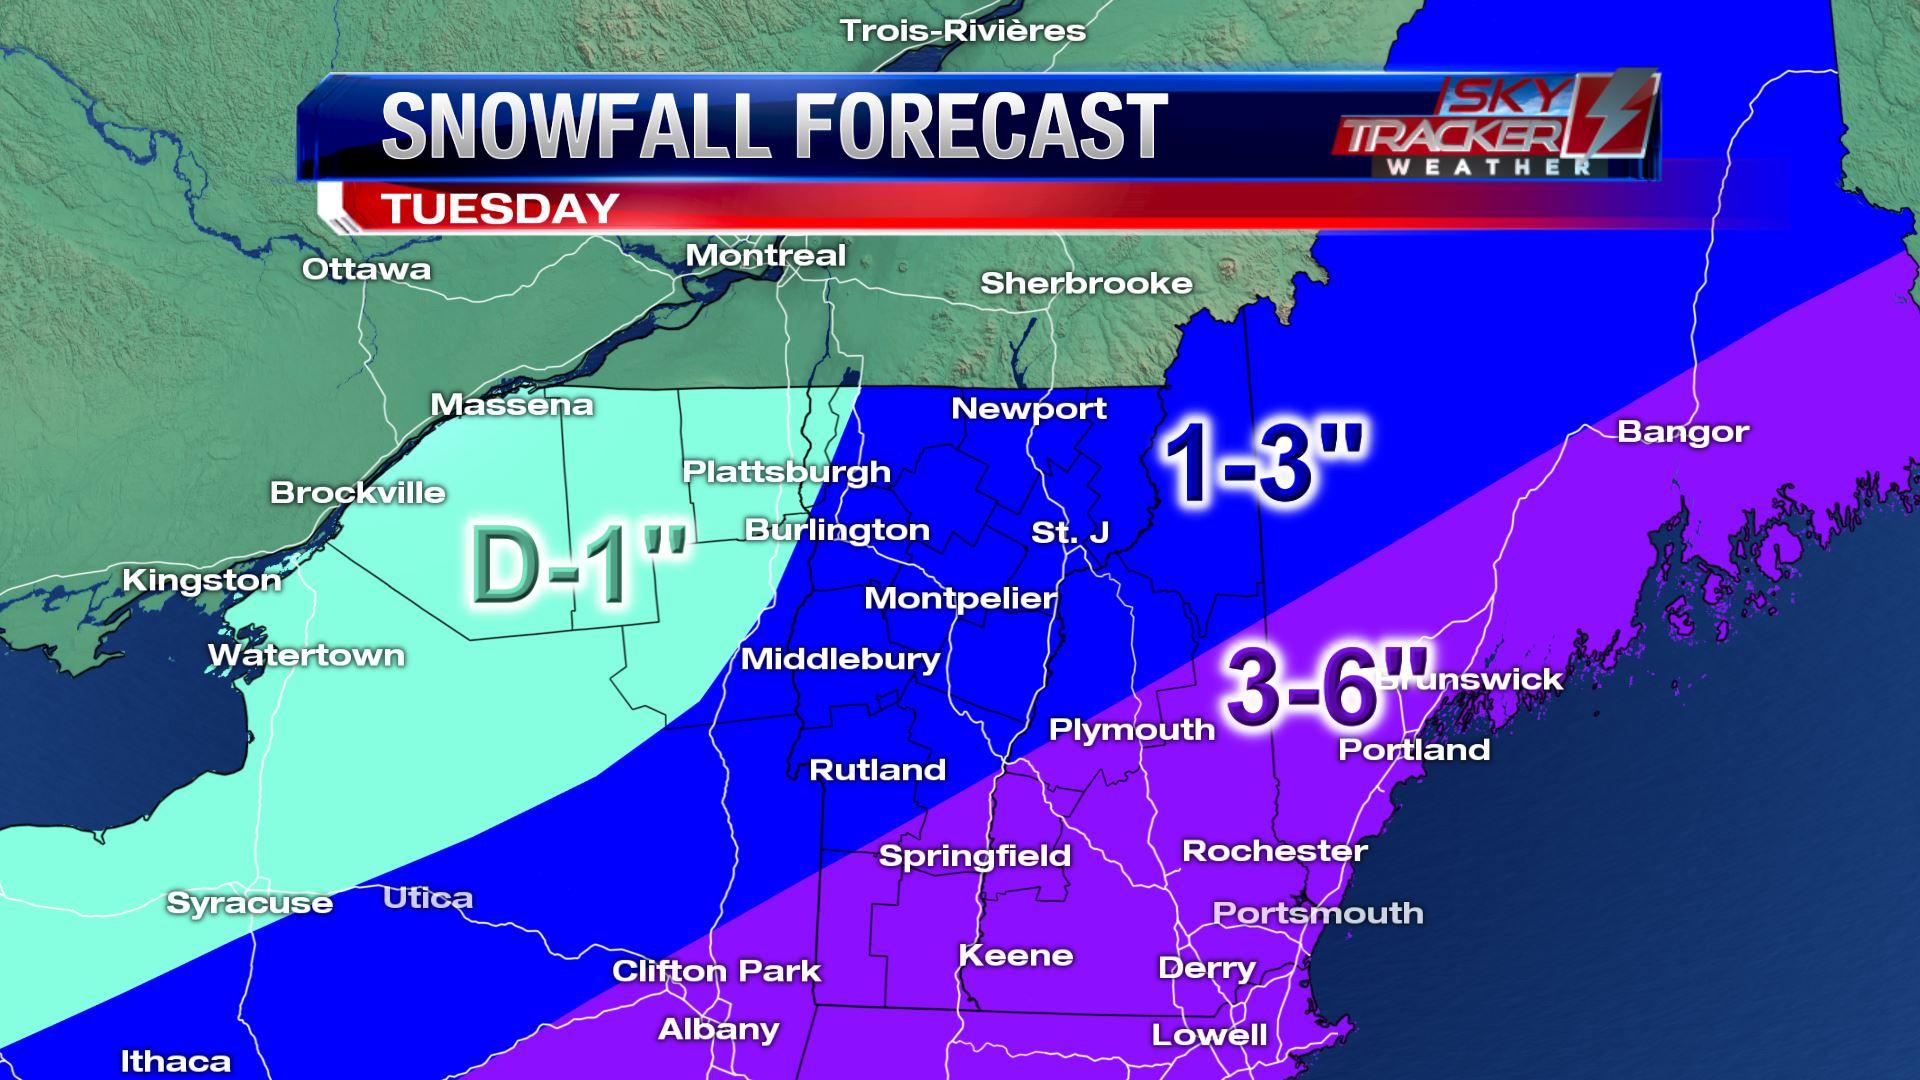 Tuesday November 20th Snowfall